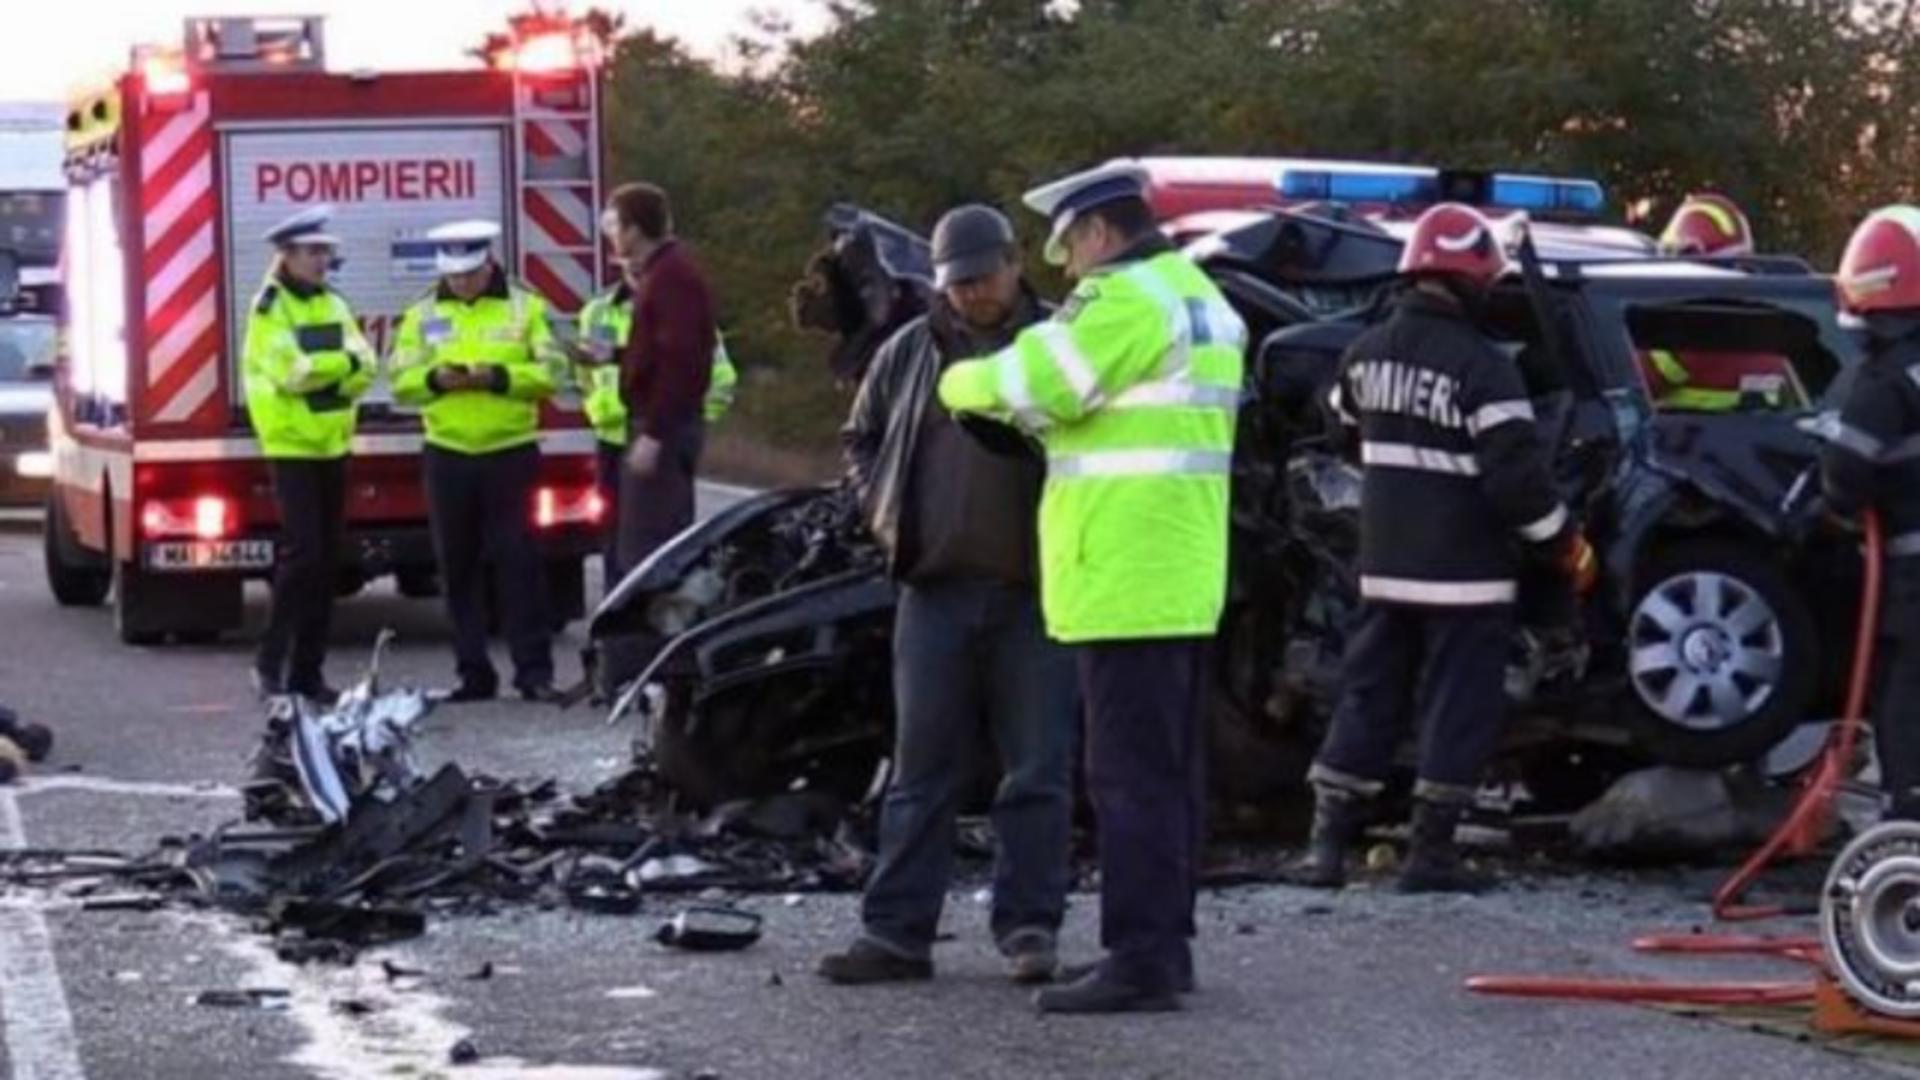 Cinci persoane şi-au pierdut viaţa în accidentul rutier, care s-a produs în 2017 / Foto: cronicadefalticeni.ro